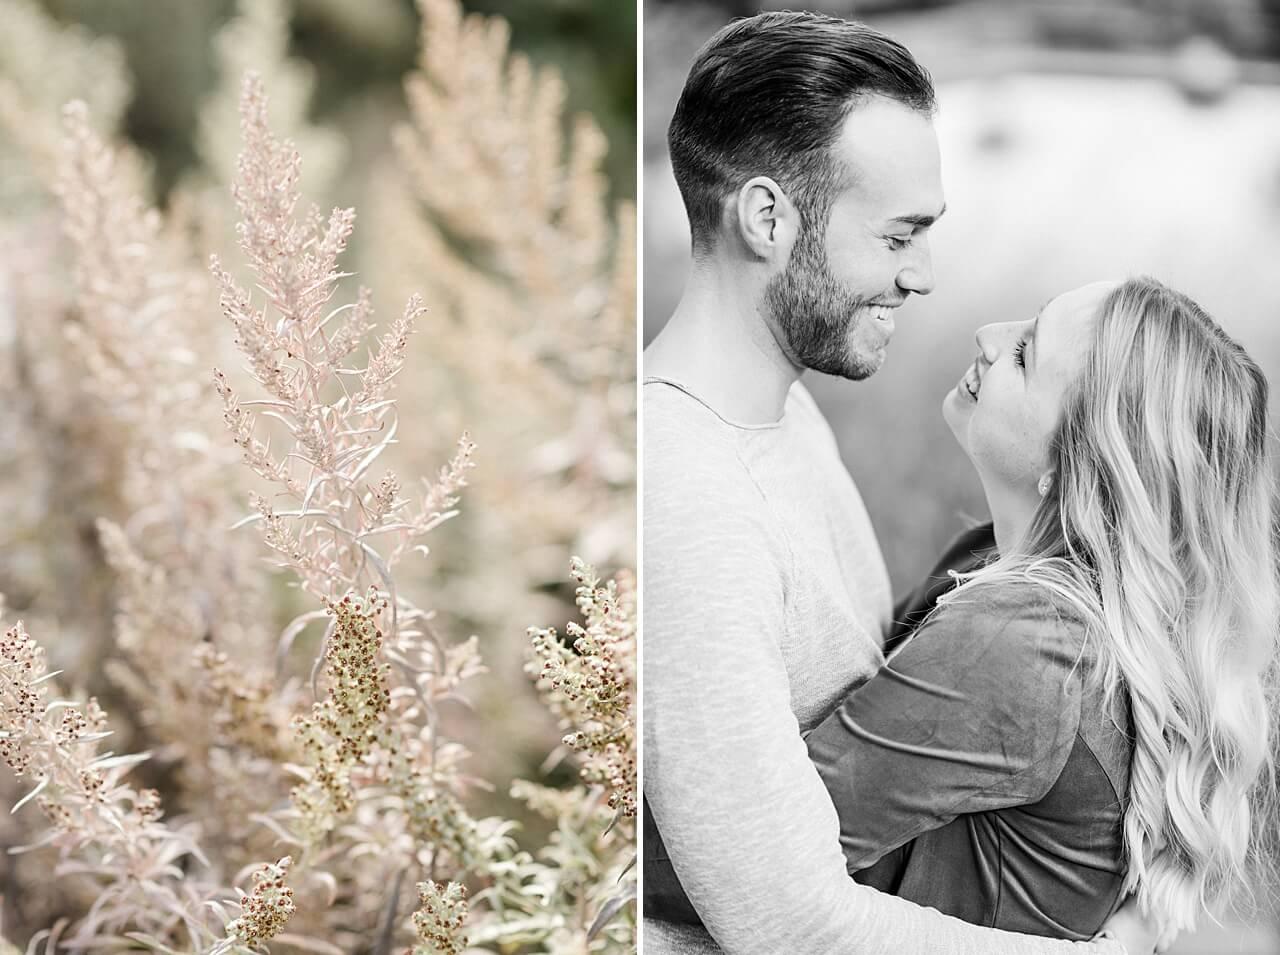 Rebecca Conte Fotografie: Verlobungsbilder bei Herbstwetter 03